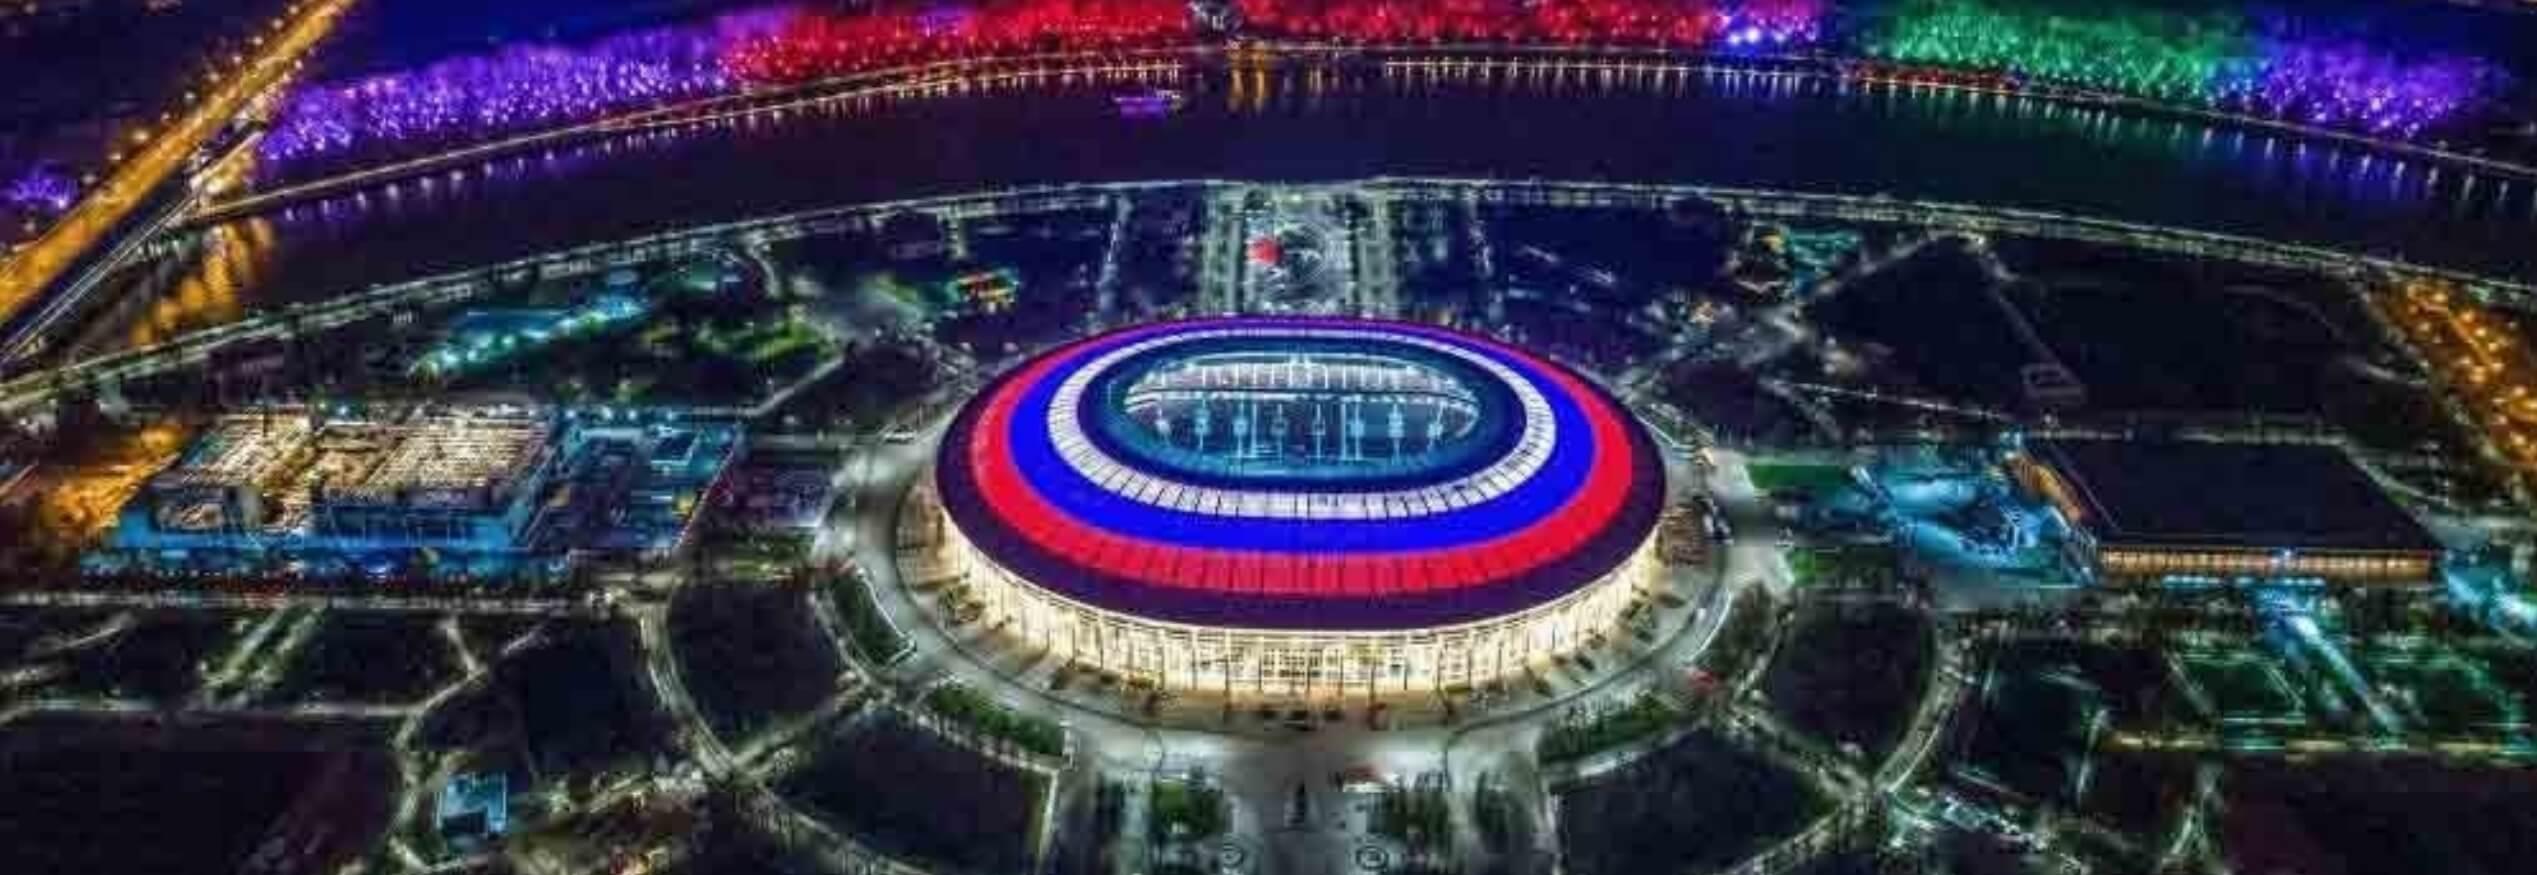 বিশ্বকাপ ২০১৮ ৰ আৰম্ভণি অনুষ্ঠান সম্পৰ্কীয় সবিশেষ